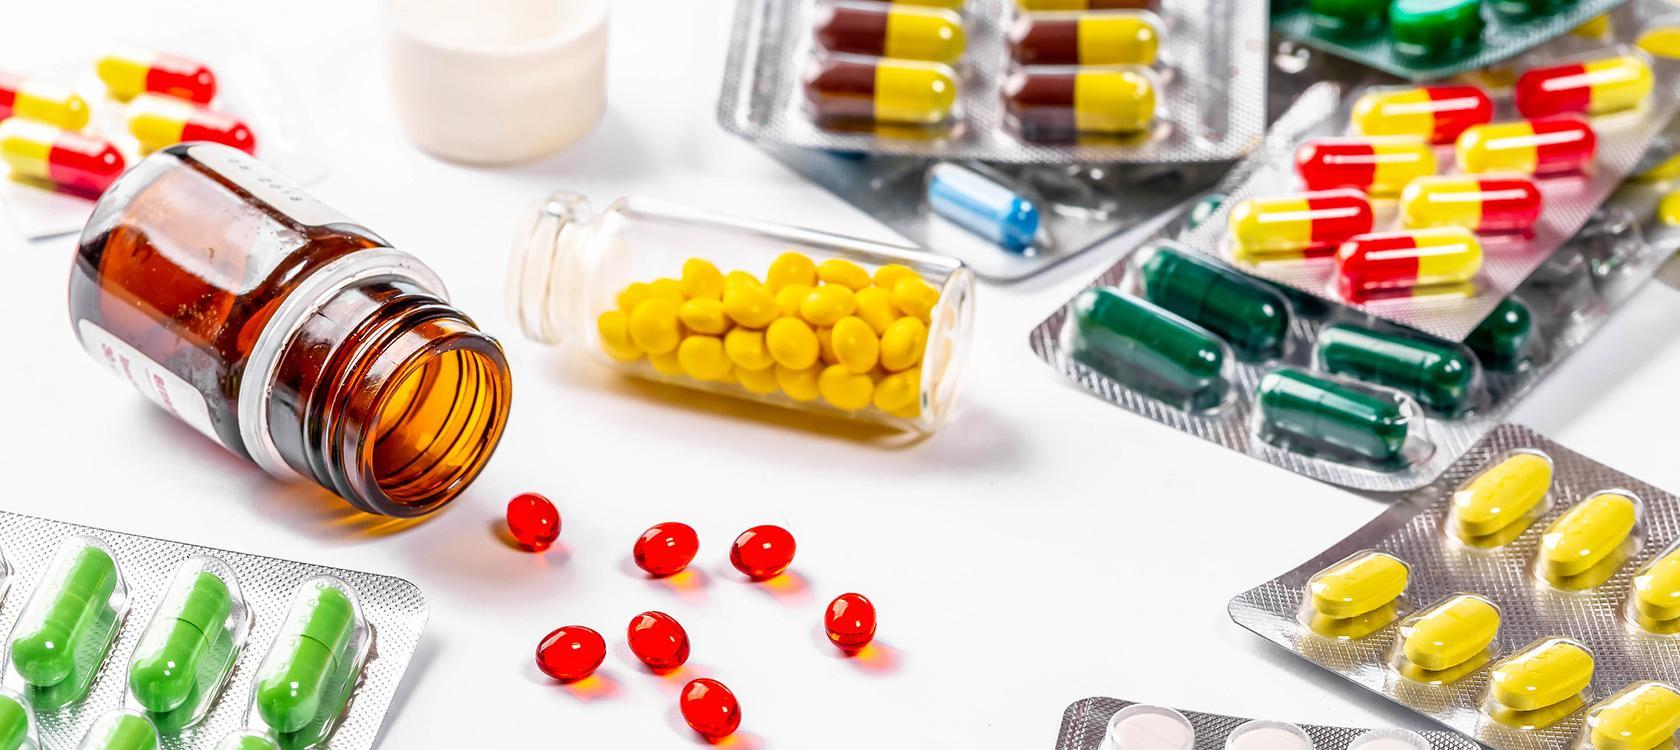 नेपालमा औषधीको अबस्था र उत्पादन कहिलेदेखि ?